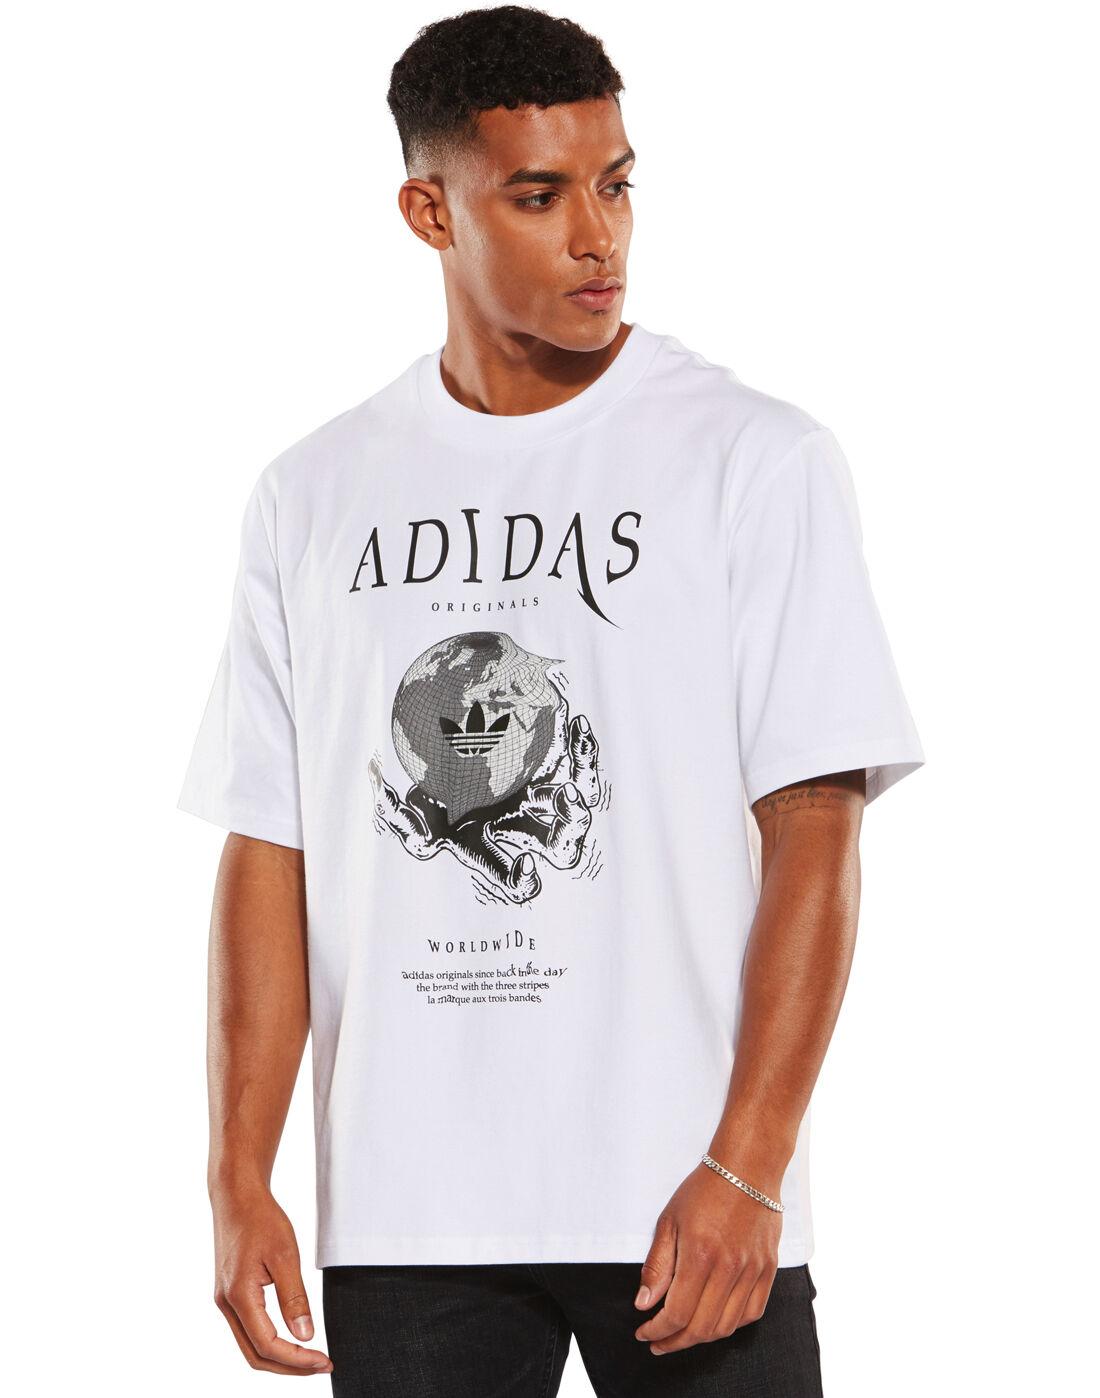 Hombre t shirts nike & Adidas camisetas estilo de vida deportivo